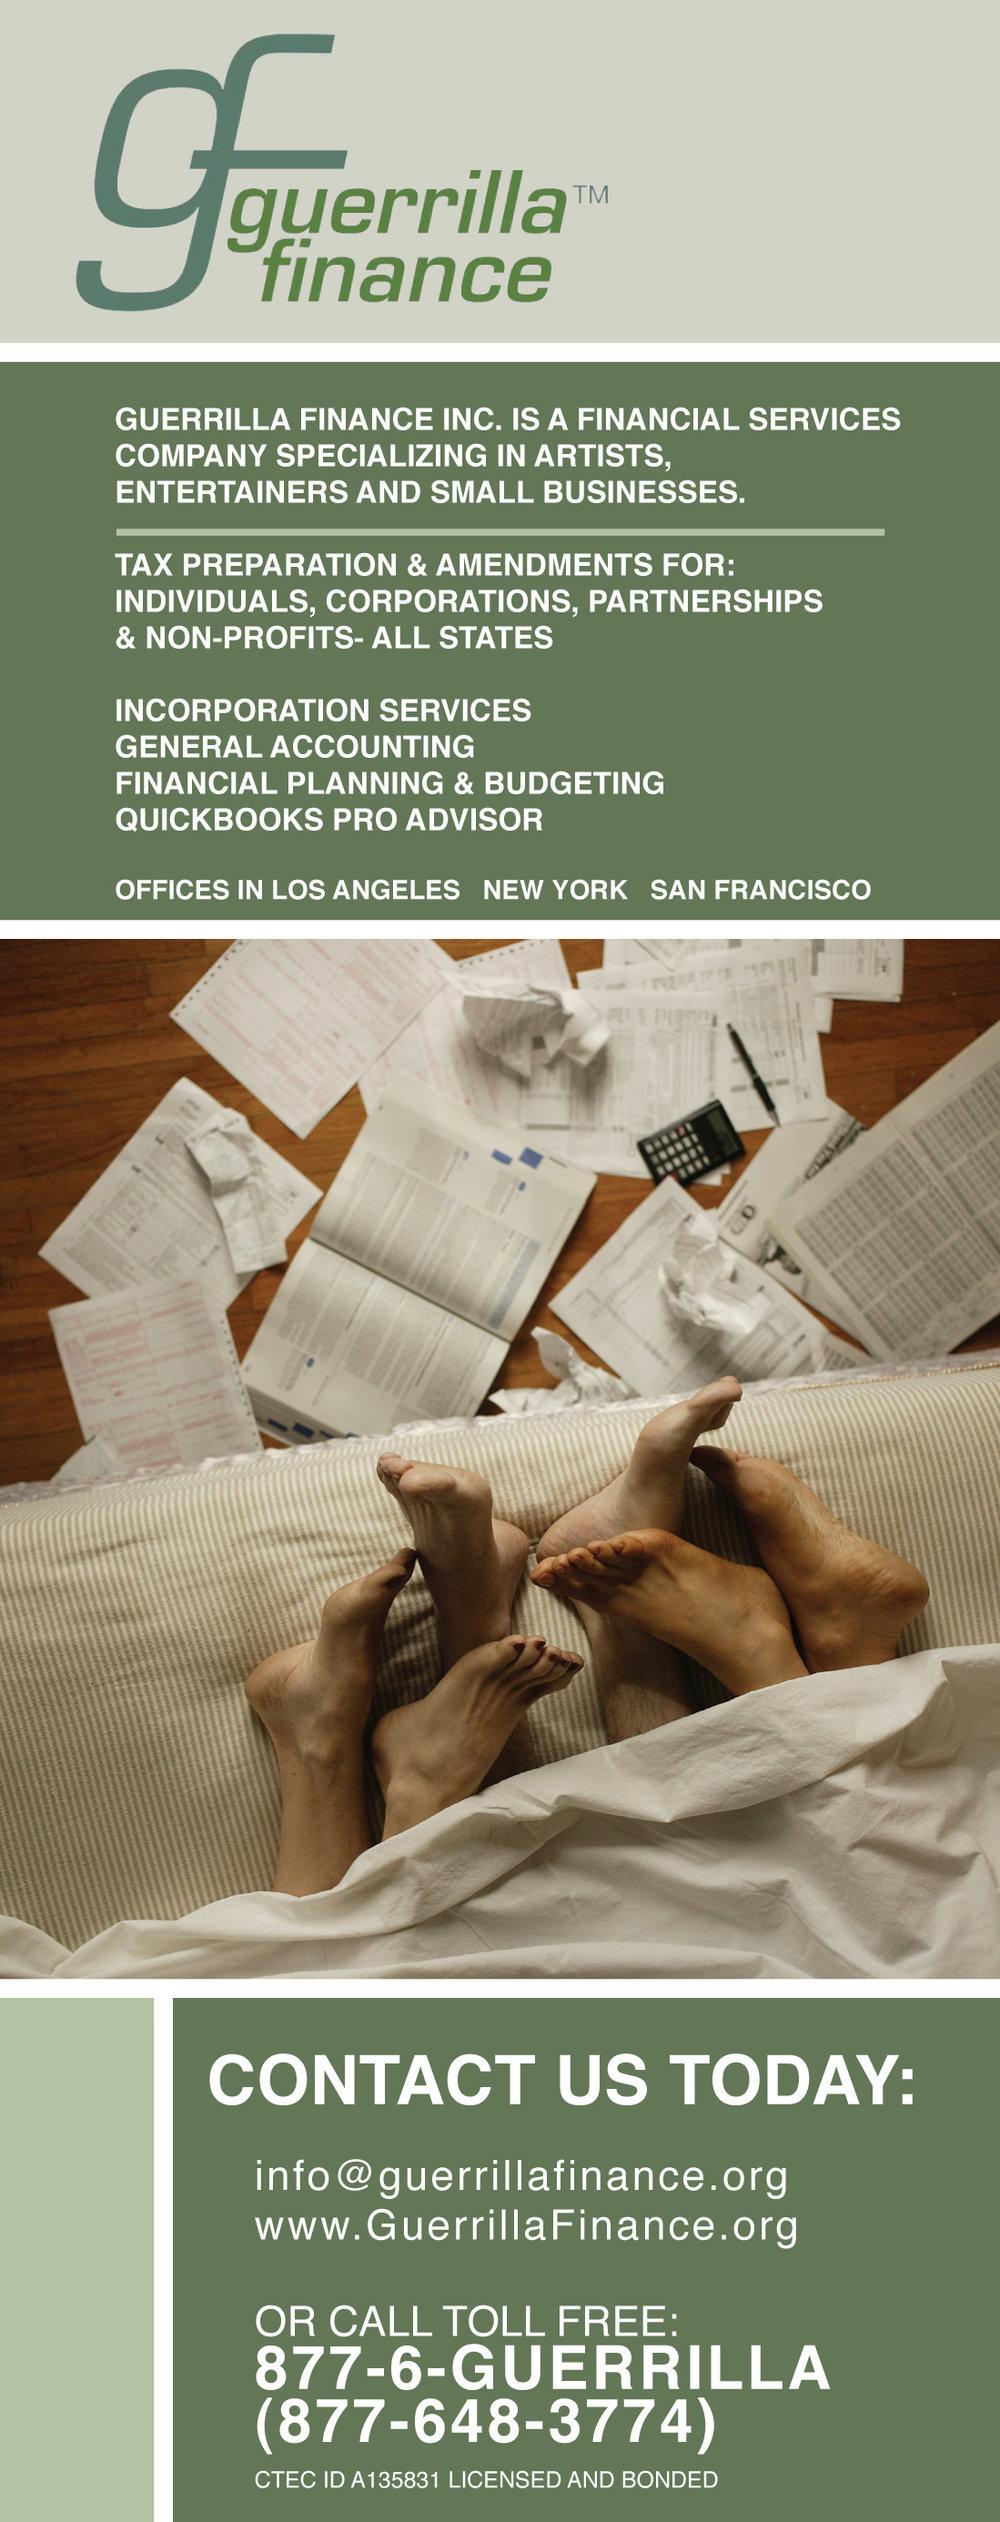 ad for Guerrilla Finance